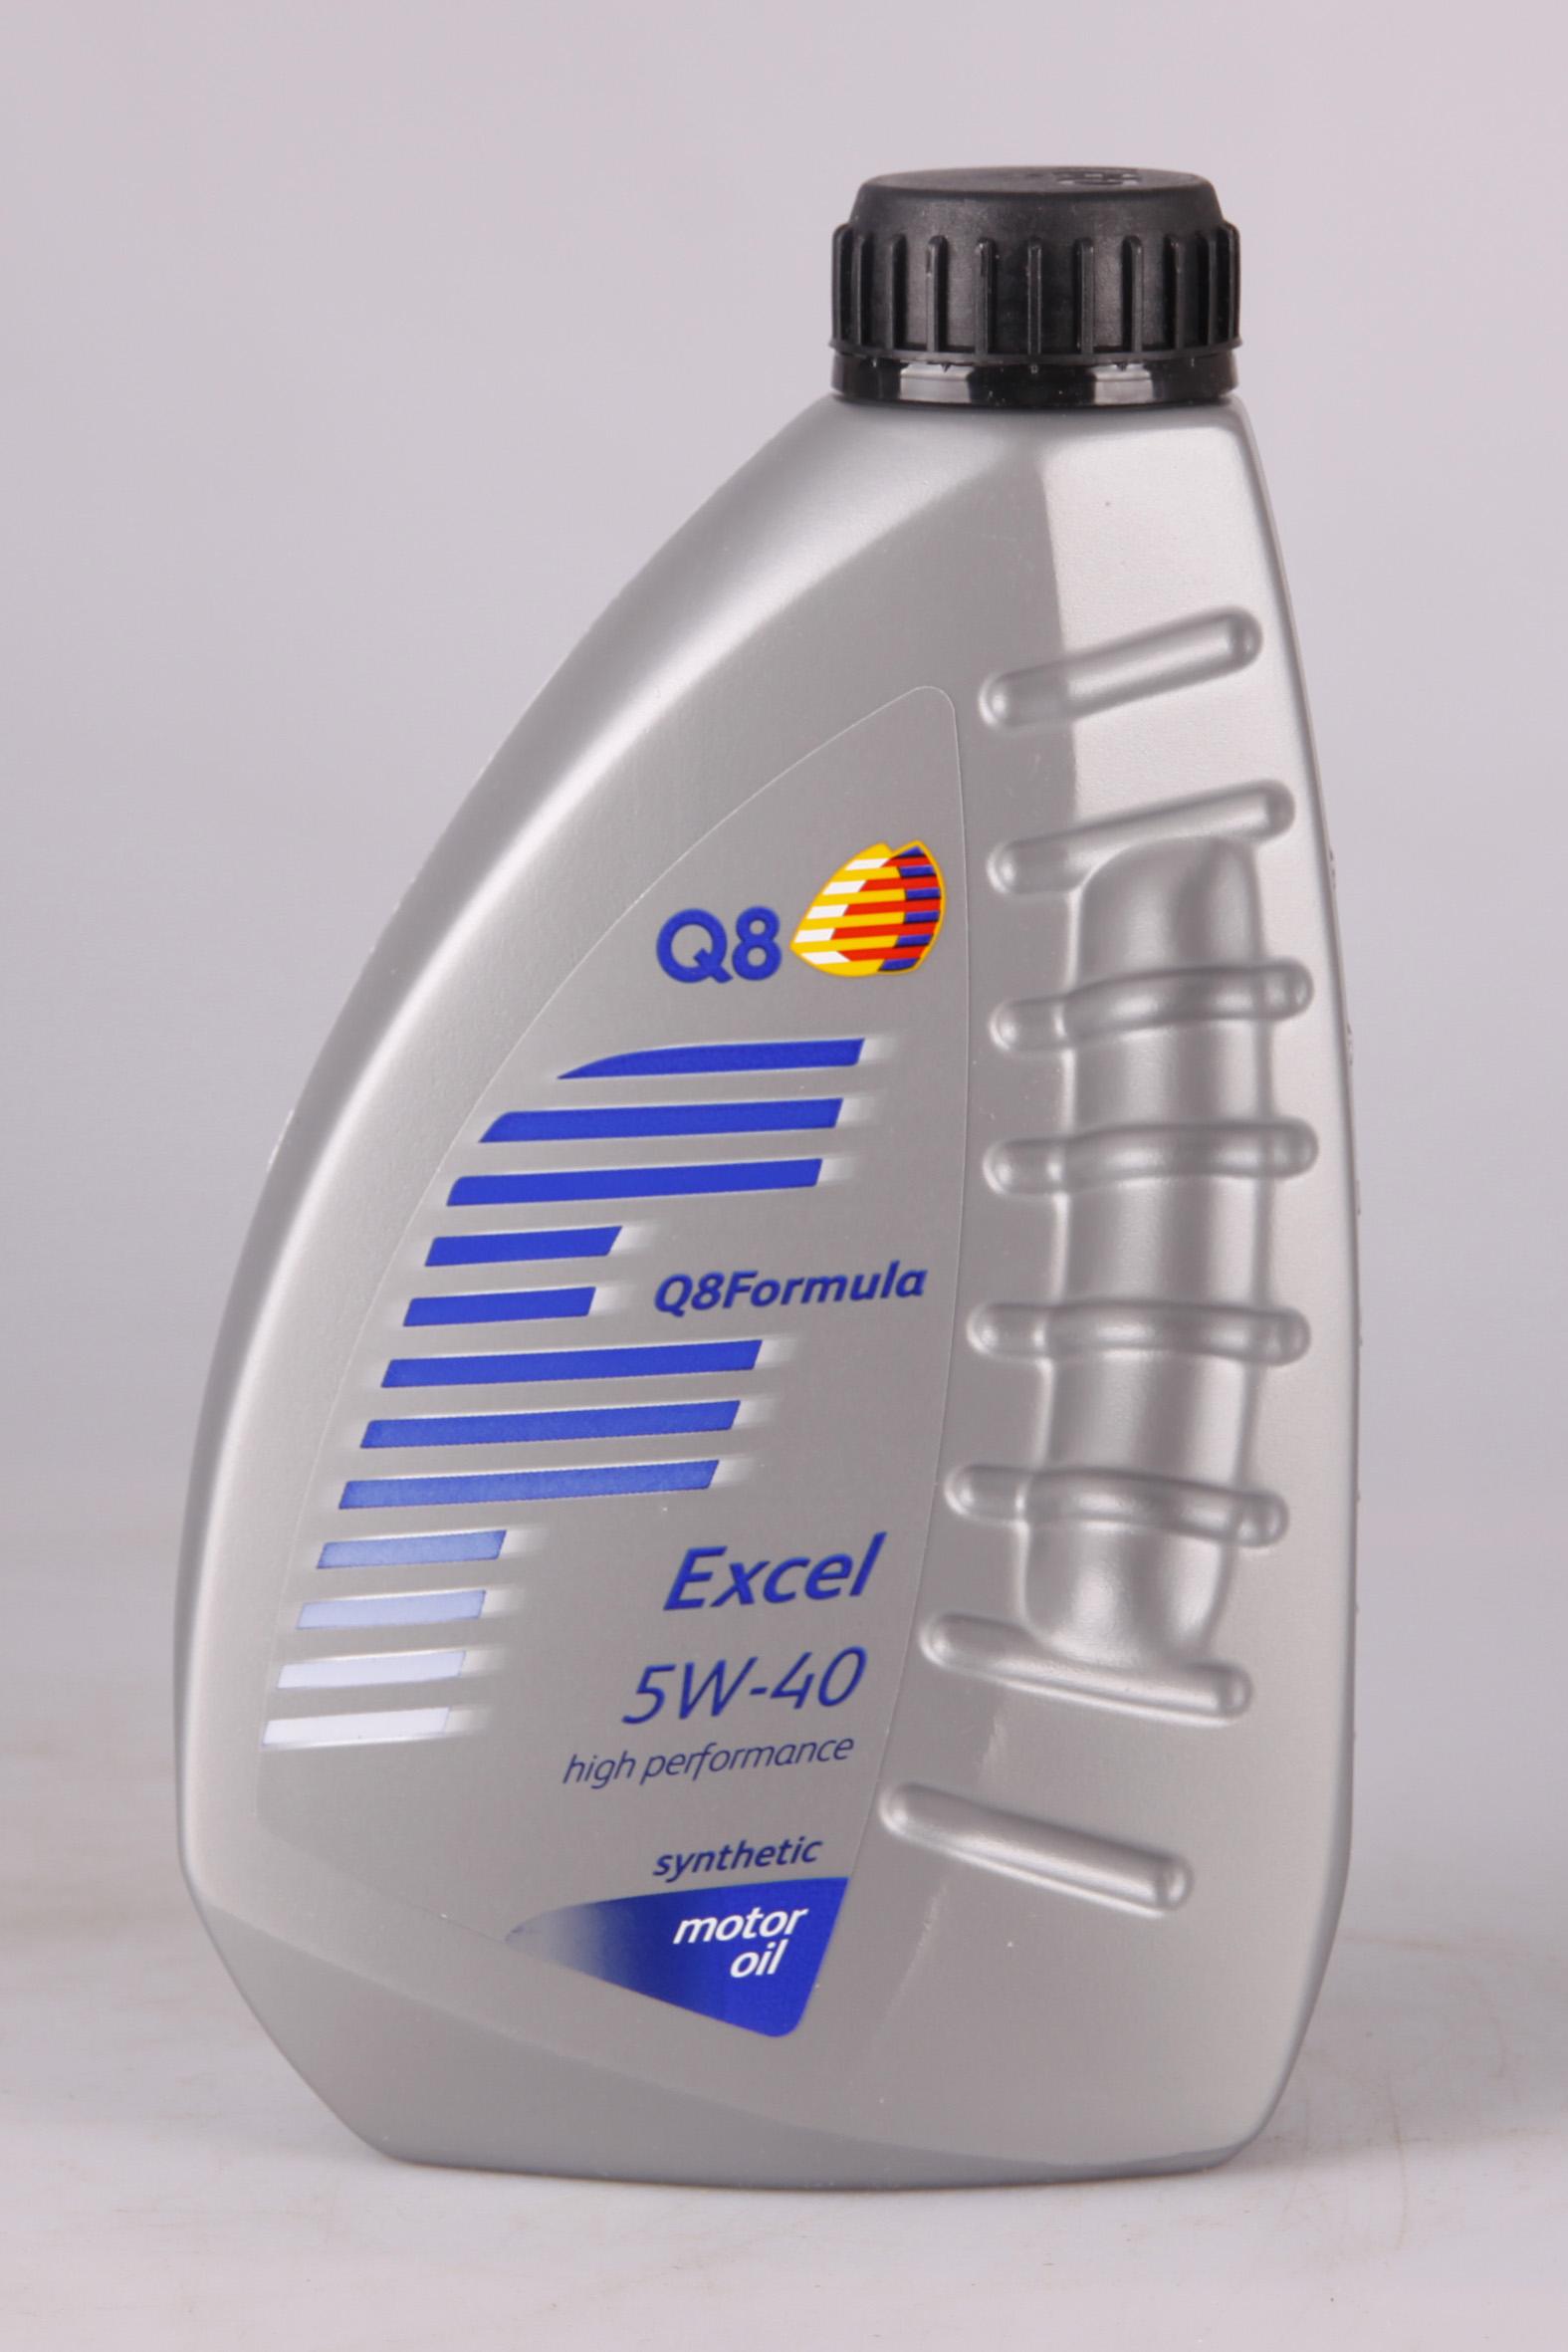 Q8 Formula Excel 5W-40 1 Liter